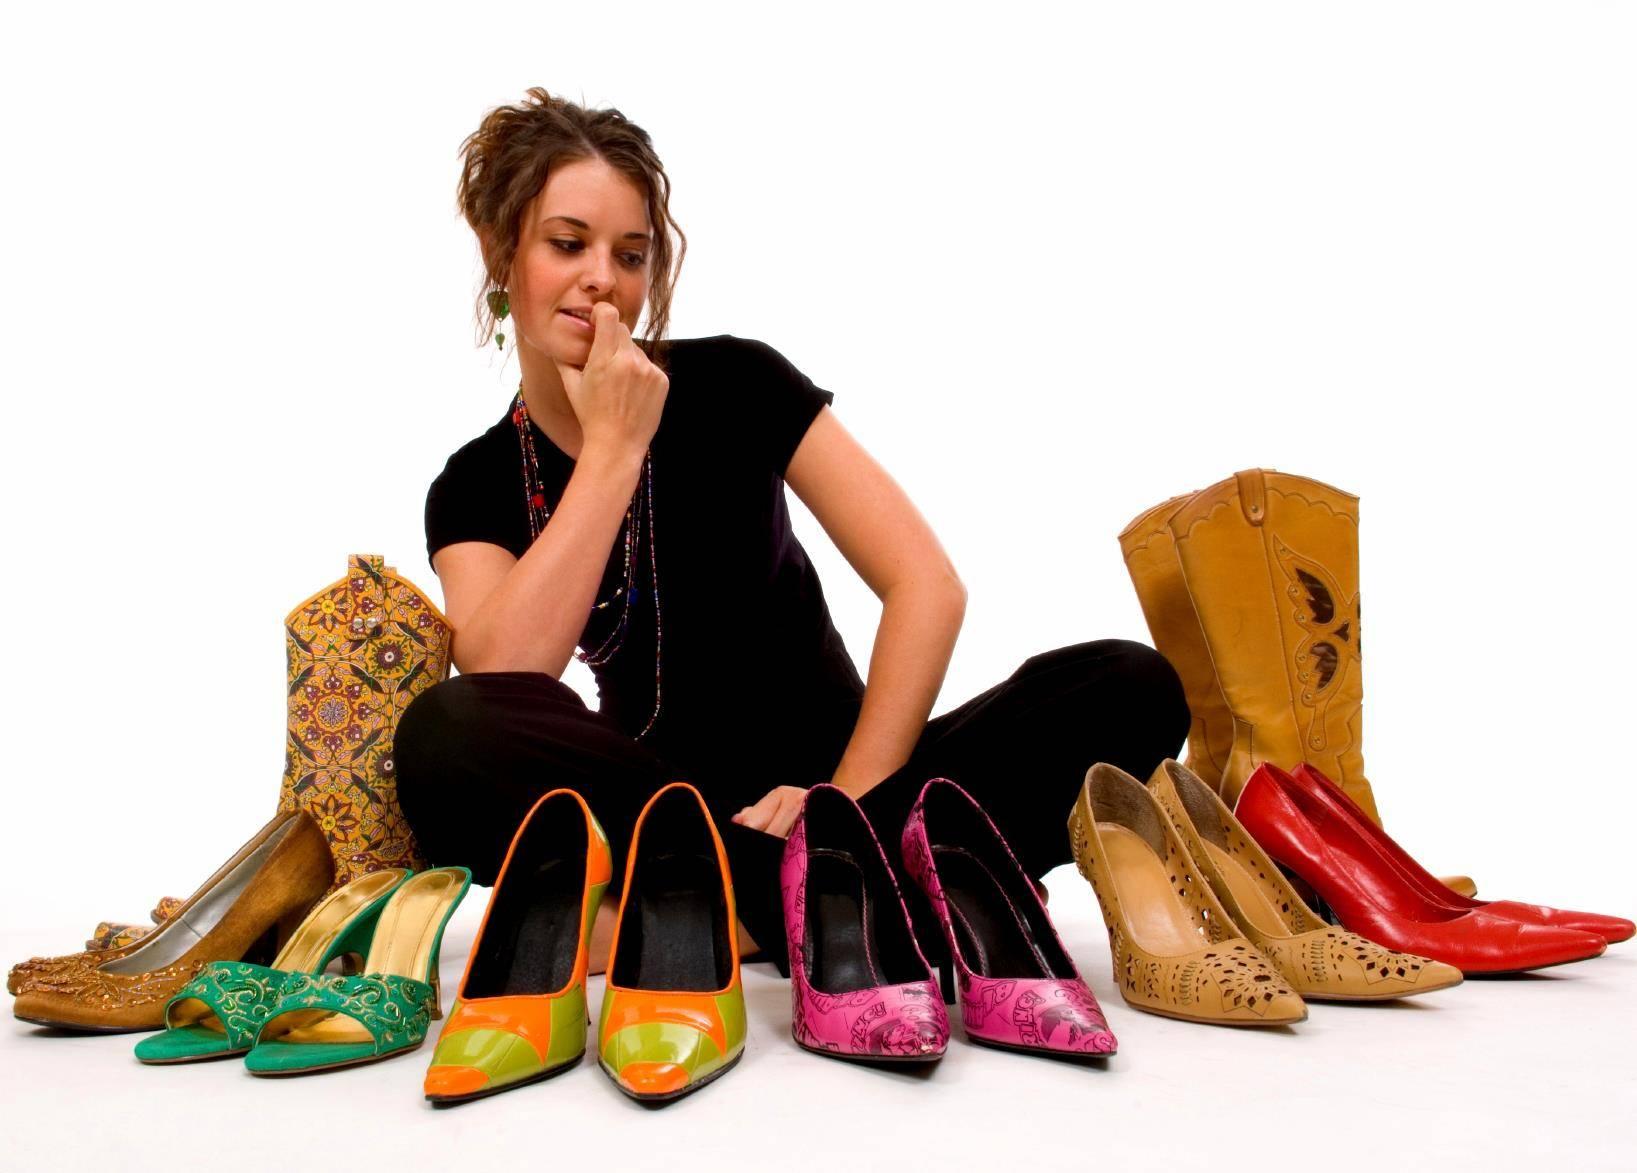 Ayakkabı Alırken Dikkat Edilmesi Gereken 7 Kural